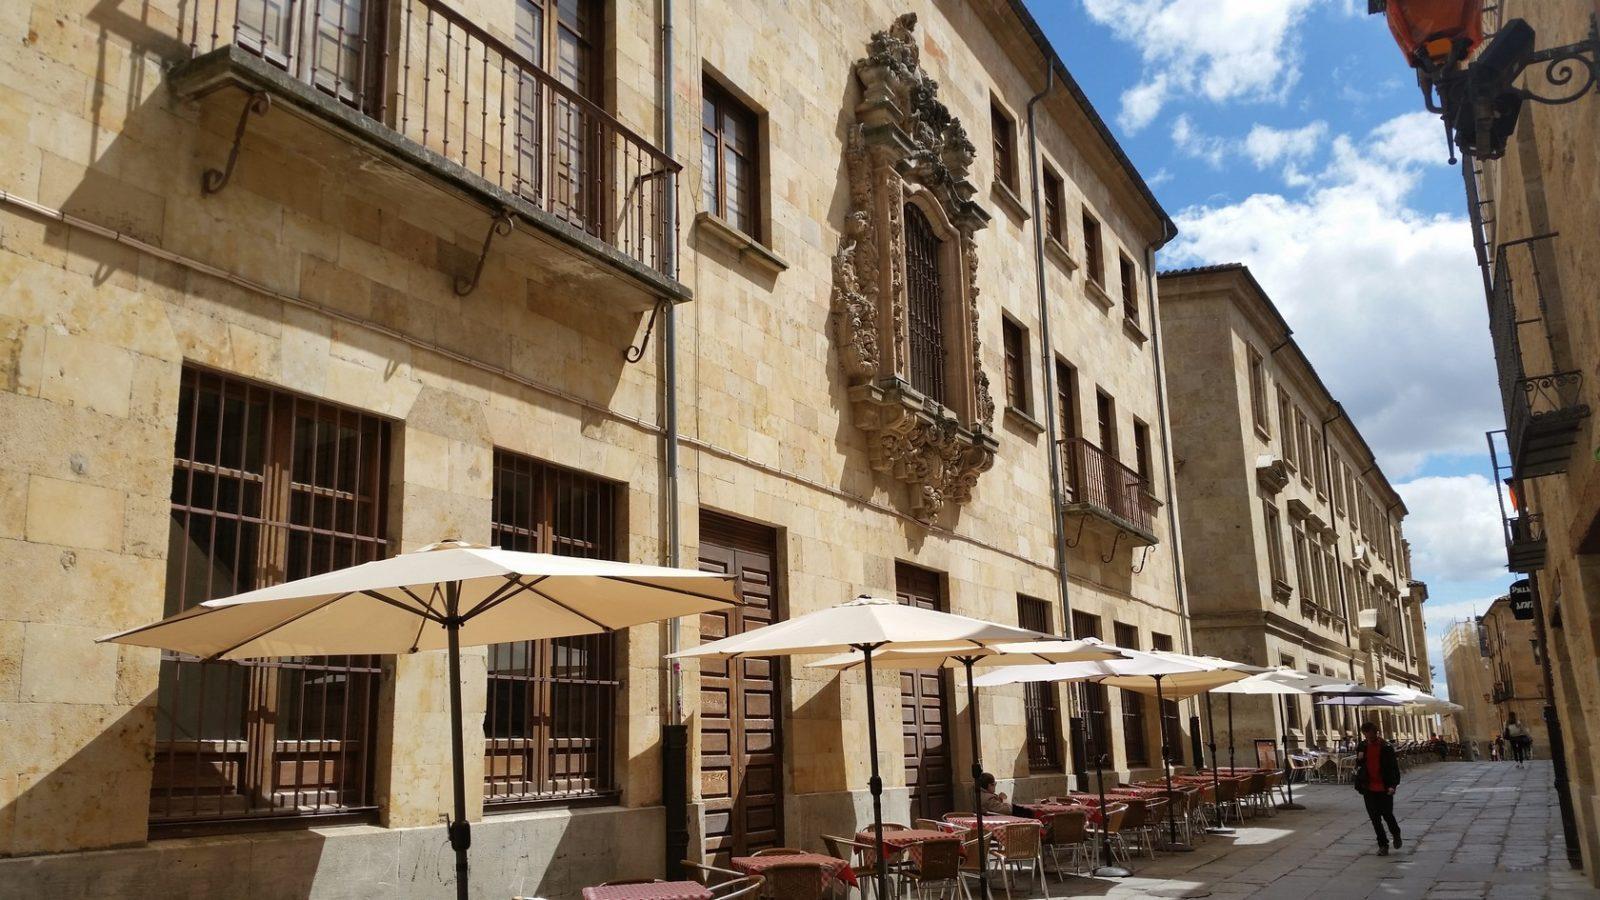 Знакомство с архитектурой северных городов Испании